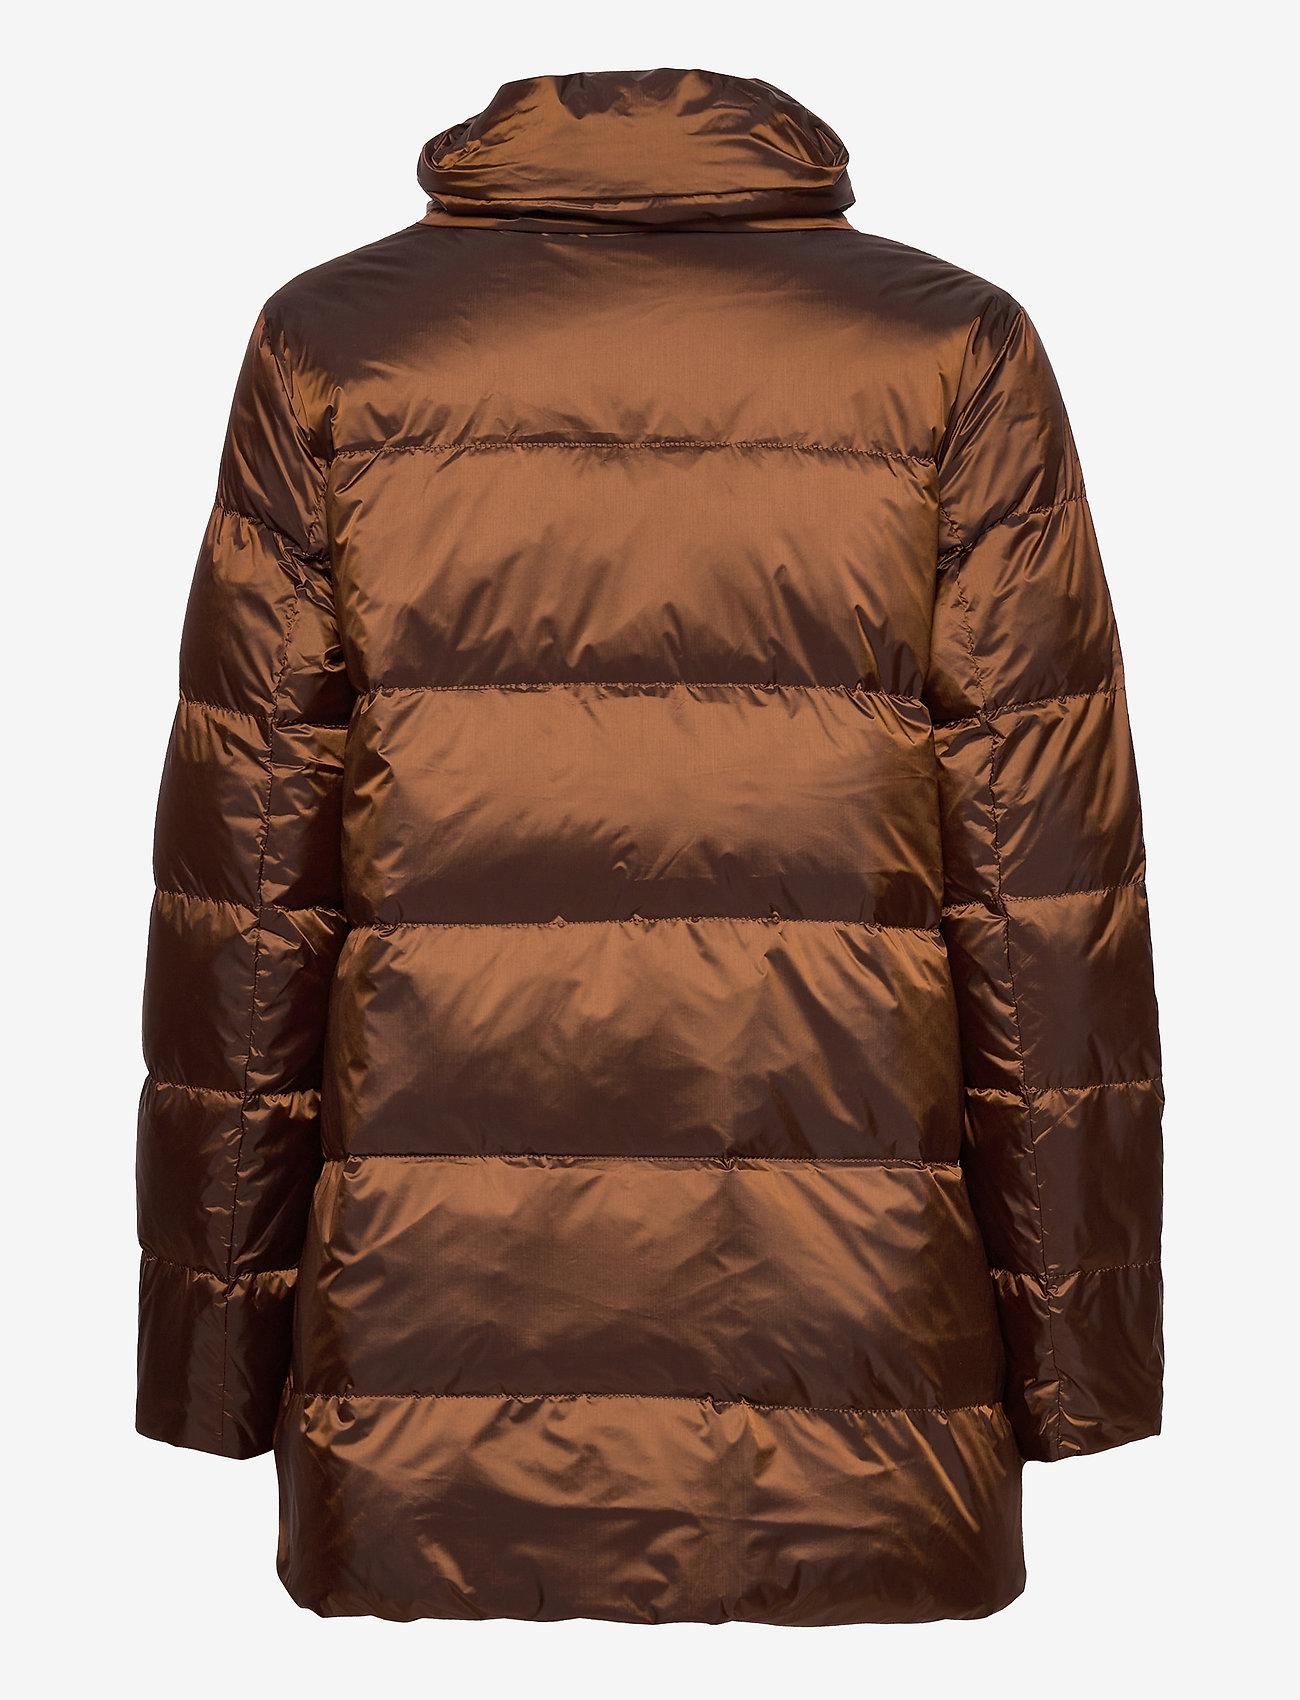 7541 - Darien Short (Copper) (399 €) - SAND 2g7nZ